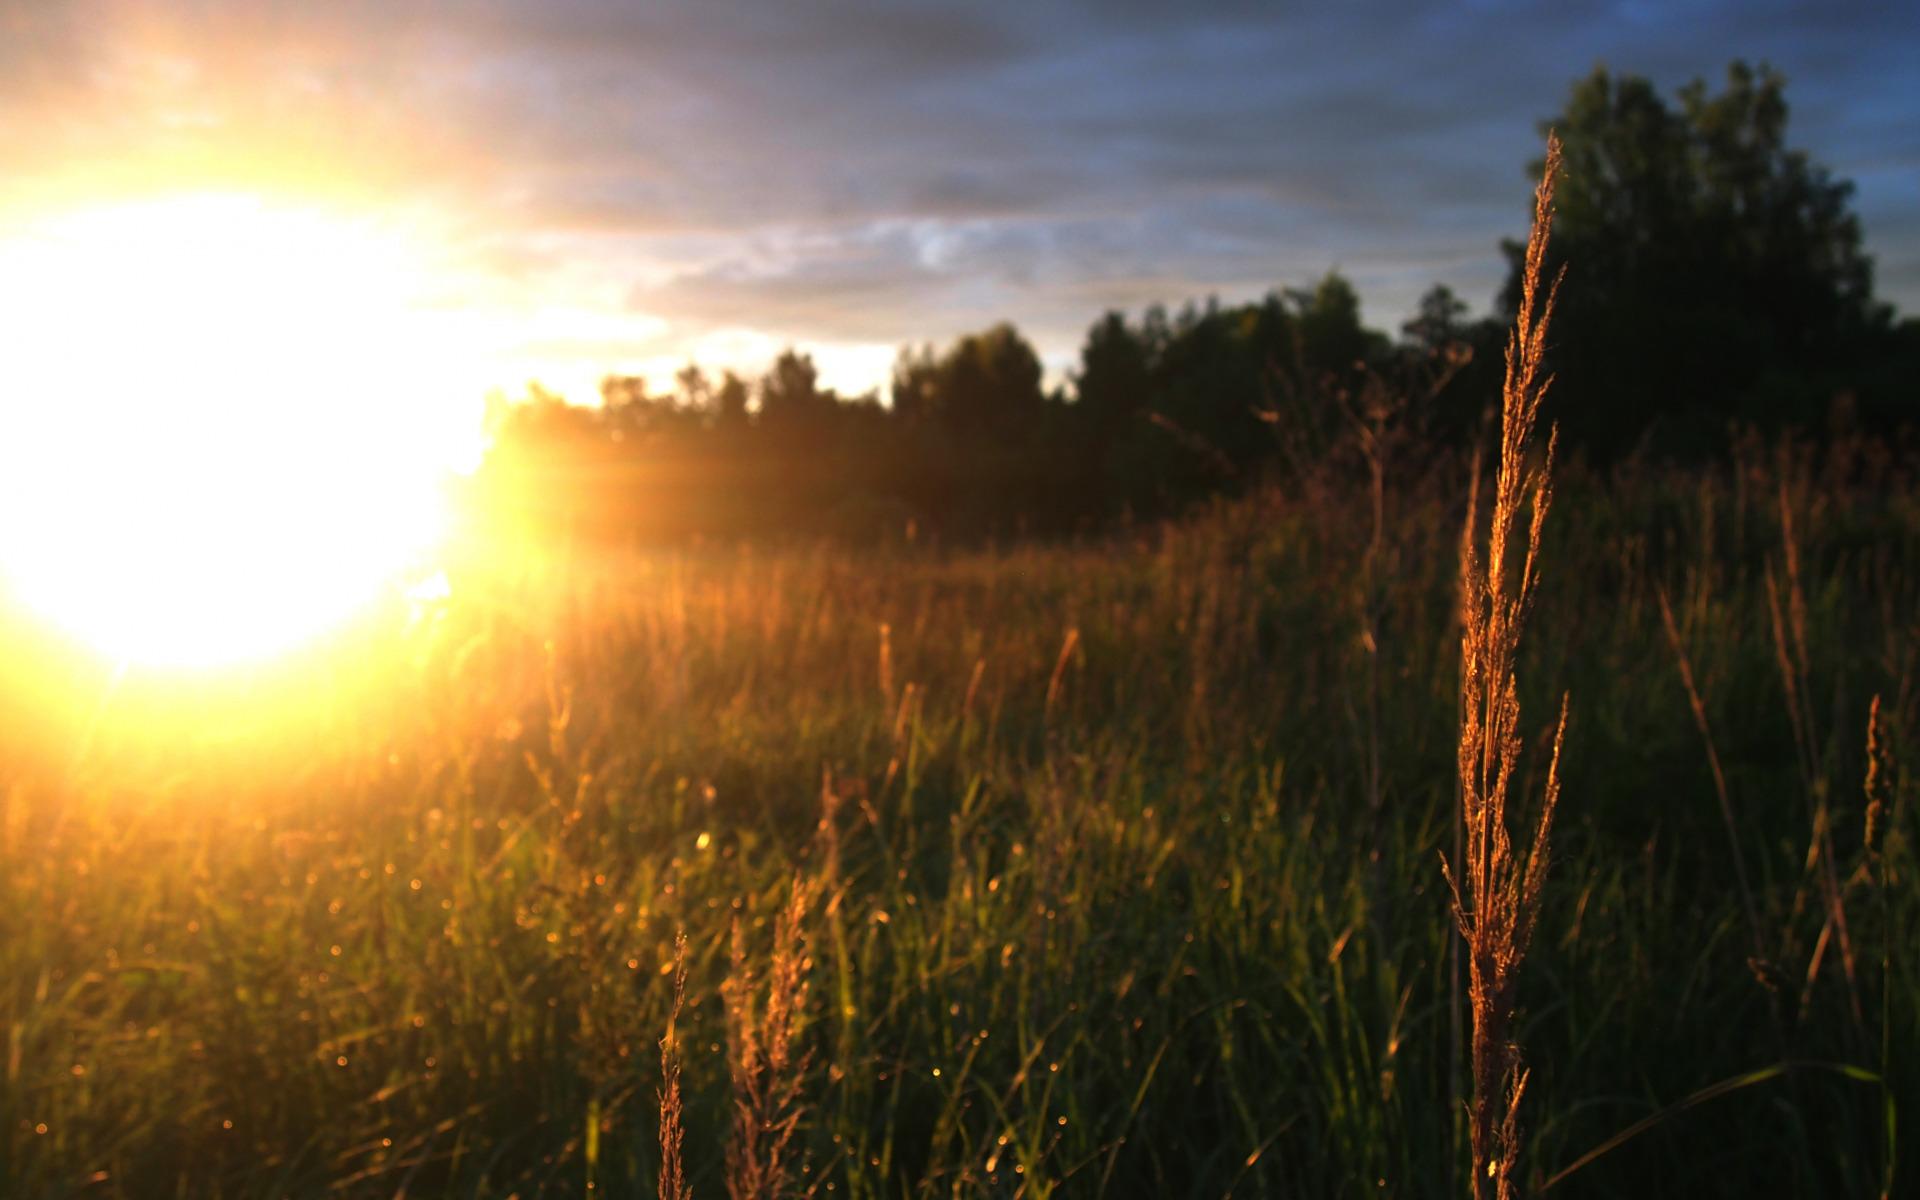 идеи декорирования рассвет солнце встает картинки смотреть человек